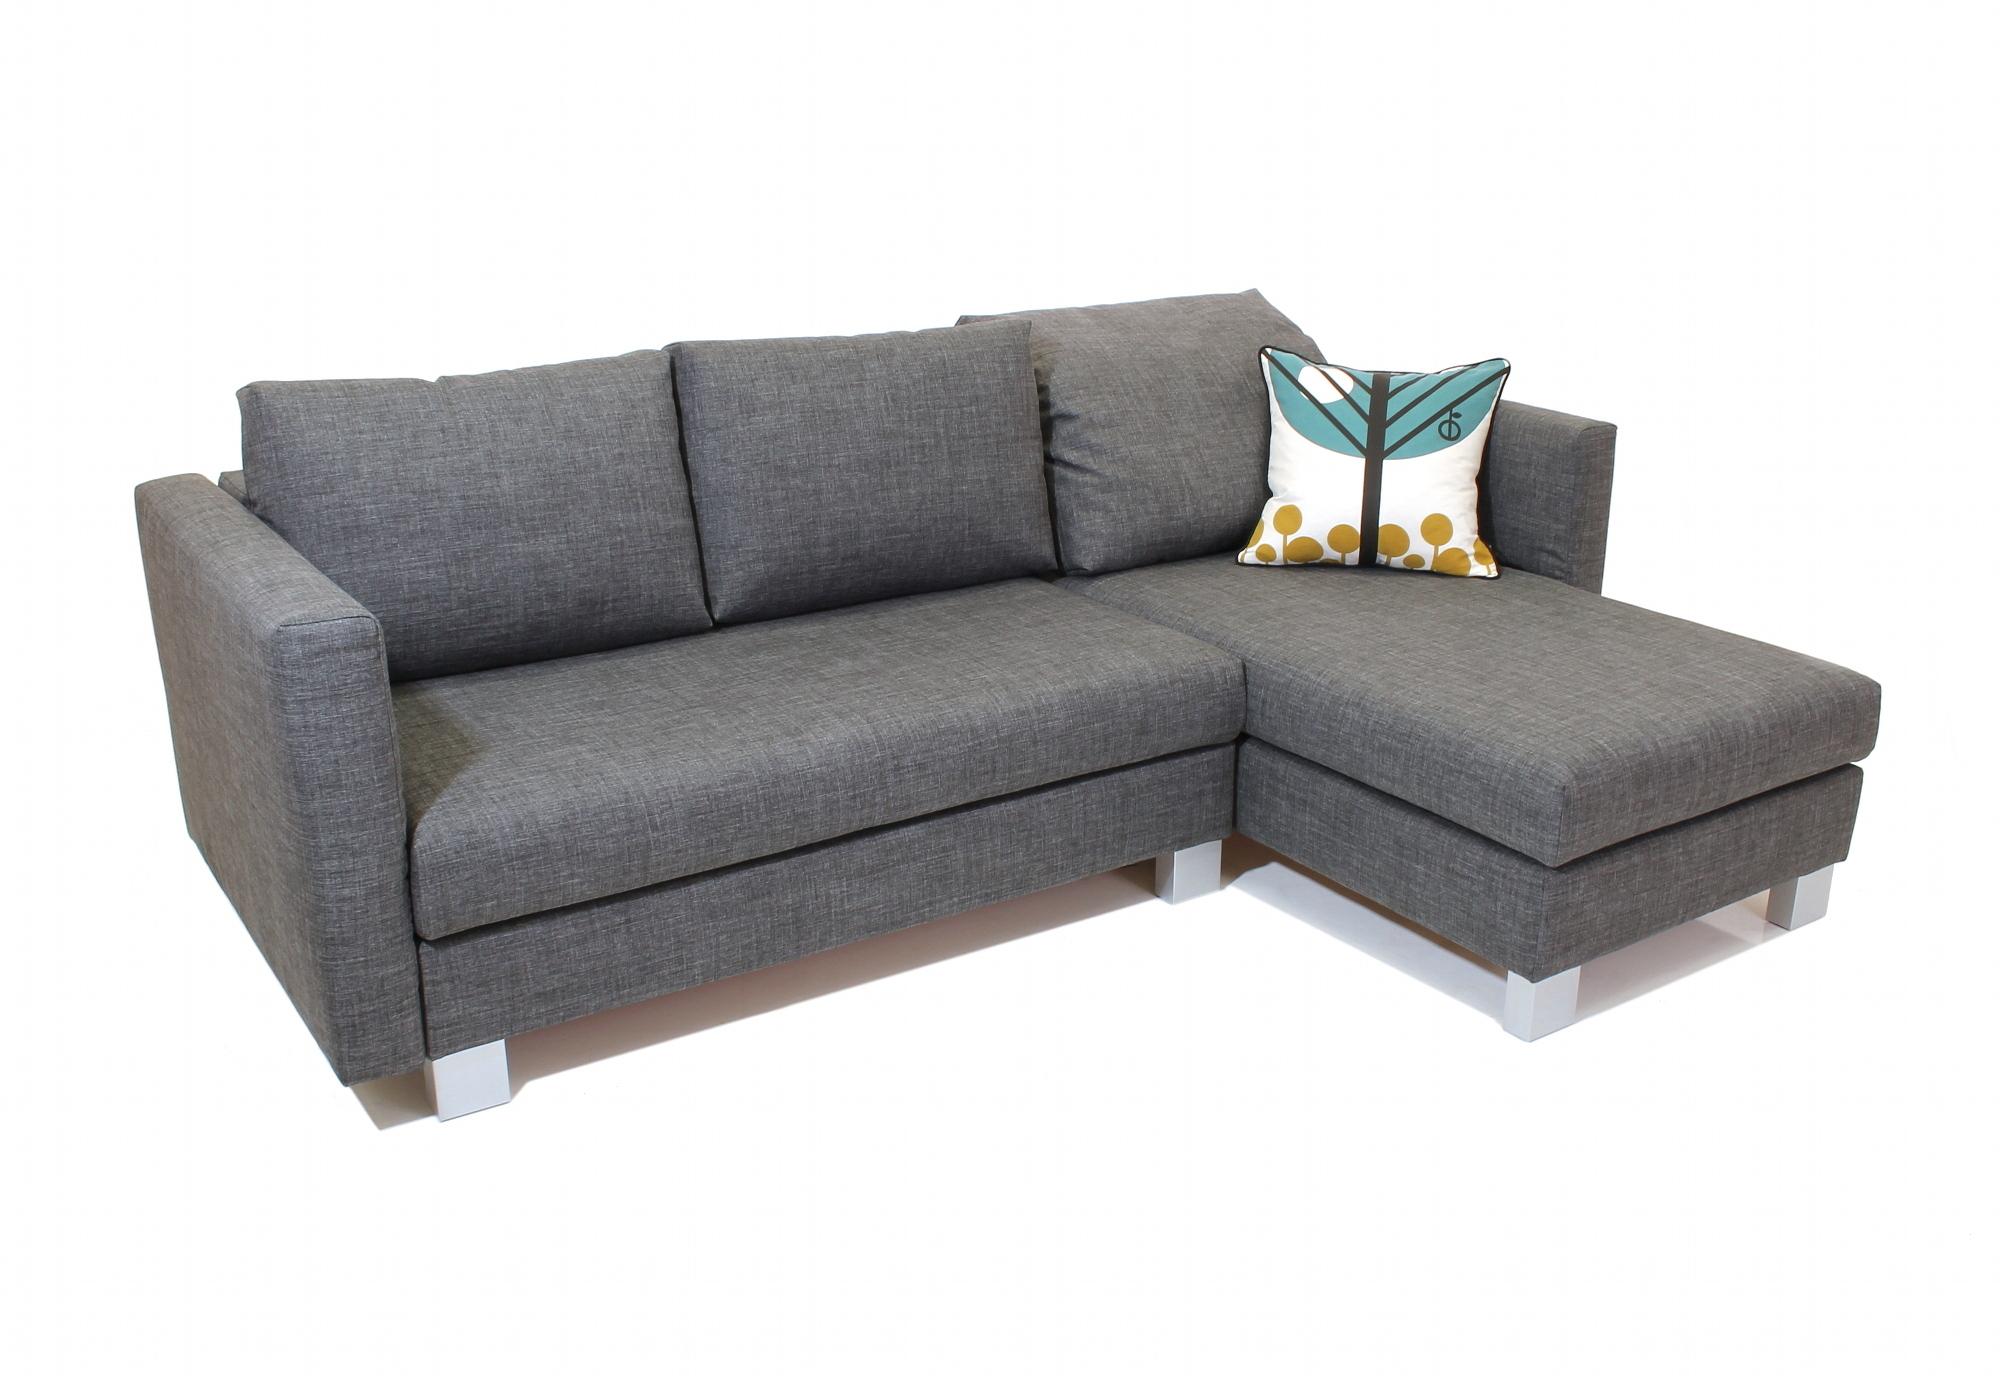 schlafsofas preisvergleich wandgestaltung schlafzimmer silber helle lampe einrichtungsideen. Black Bedroom Furniture Sets. Home Design Ideas